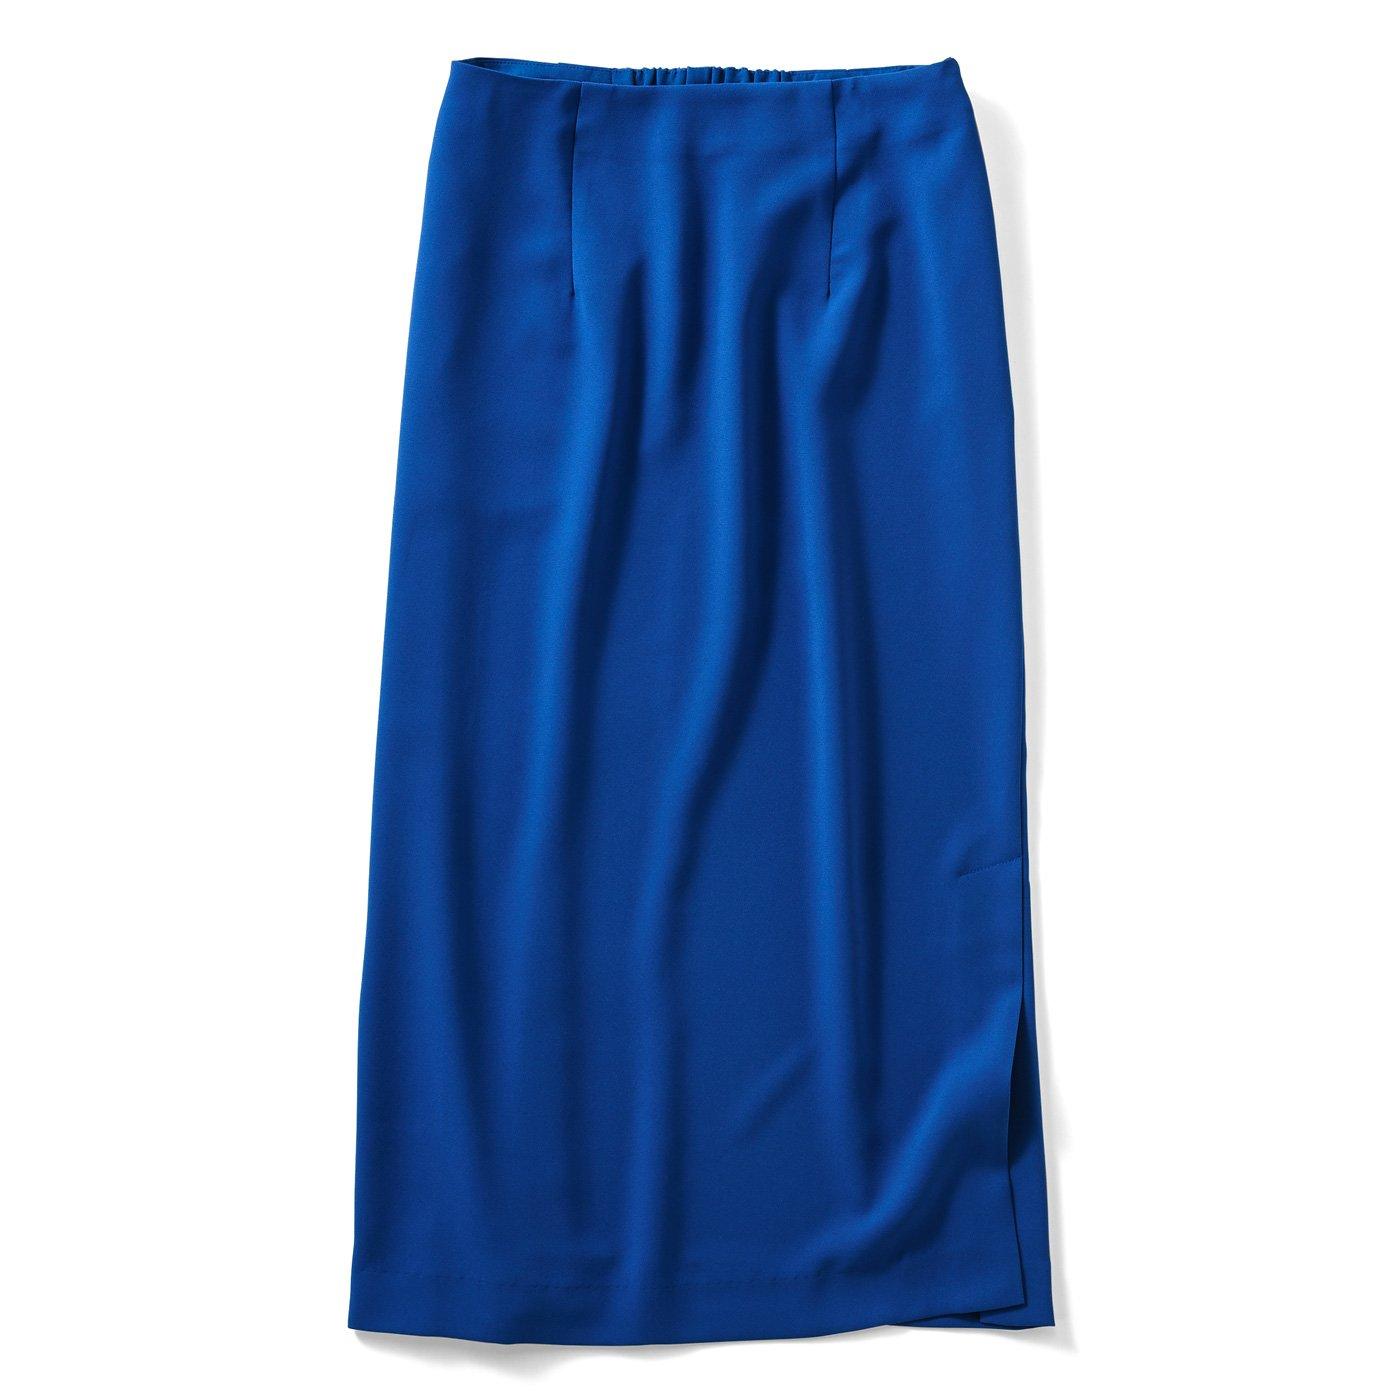 IEDIT[イディット] 小森美穂子さんコラボ どんなコーデにも大活躍のダブルクロスIラインスカート〈ブルー〉